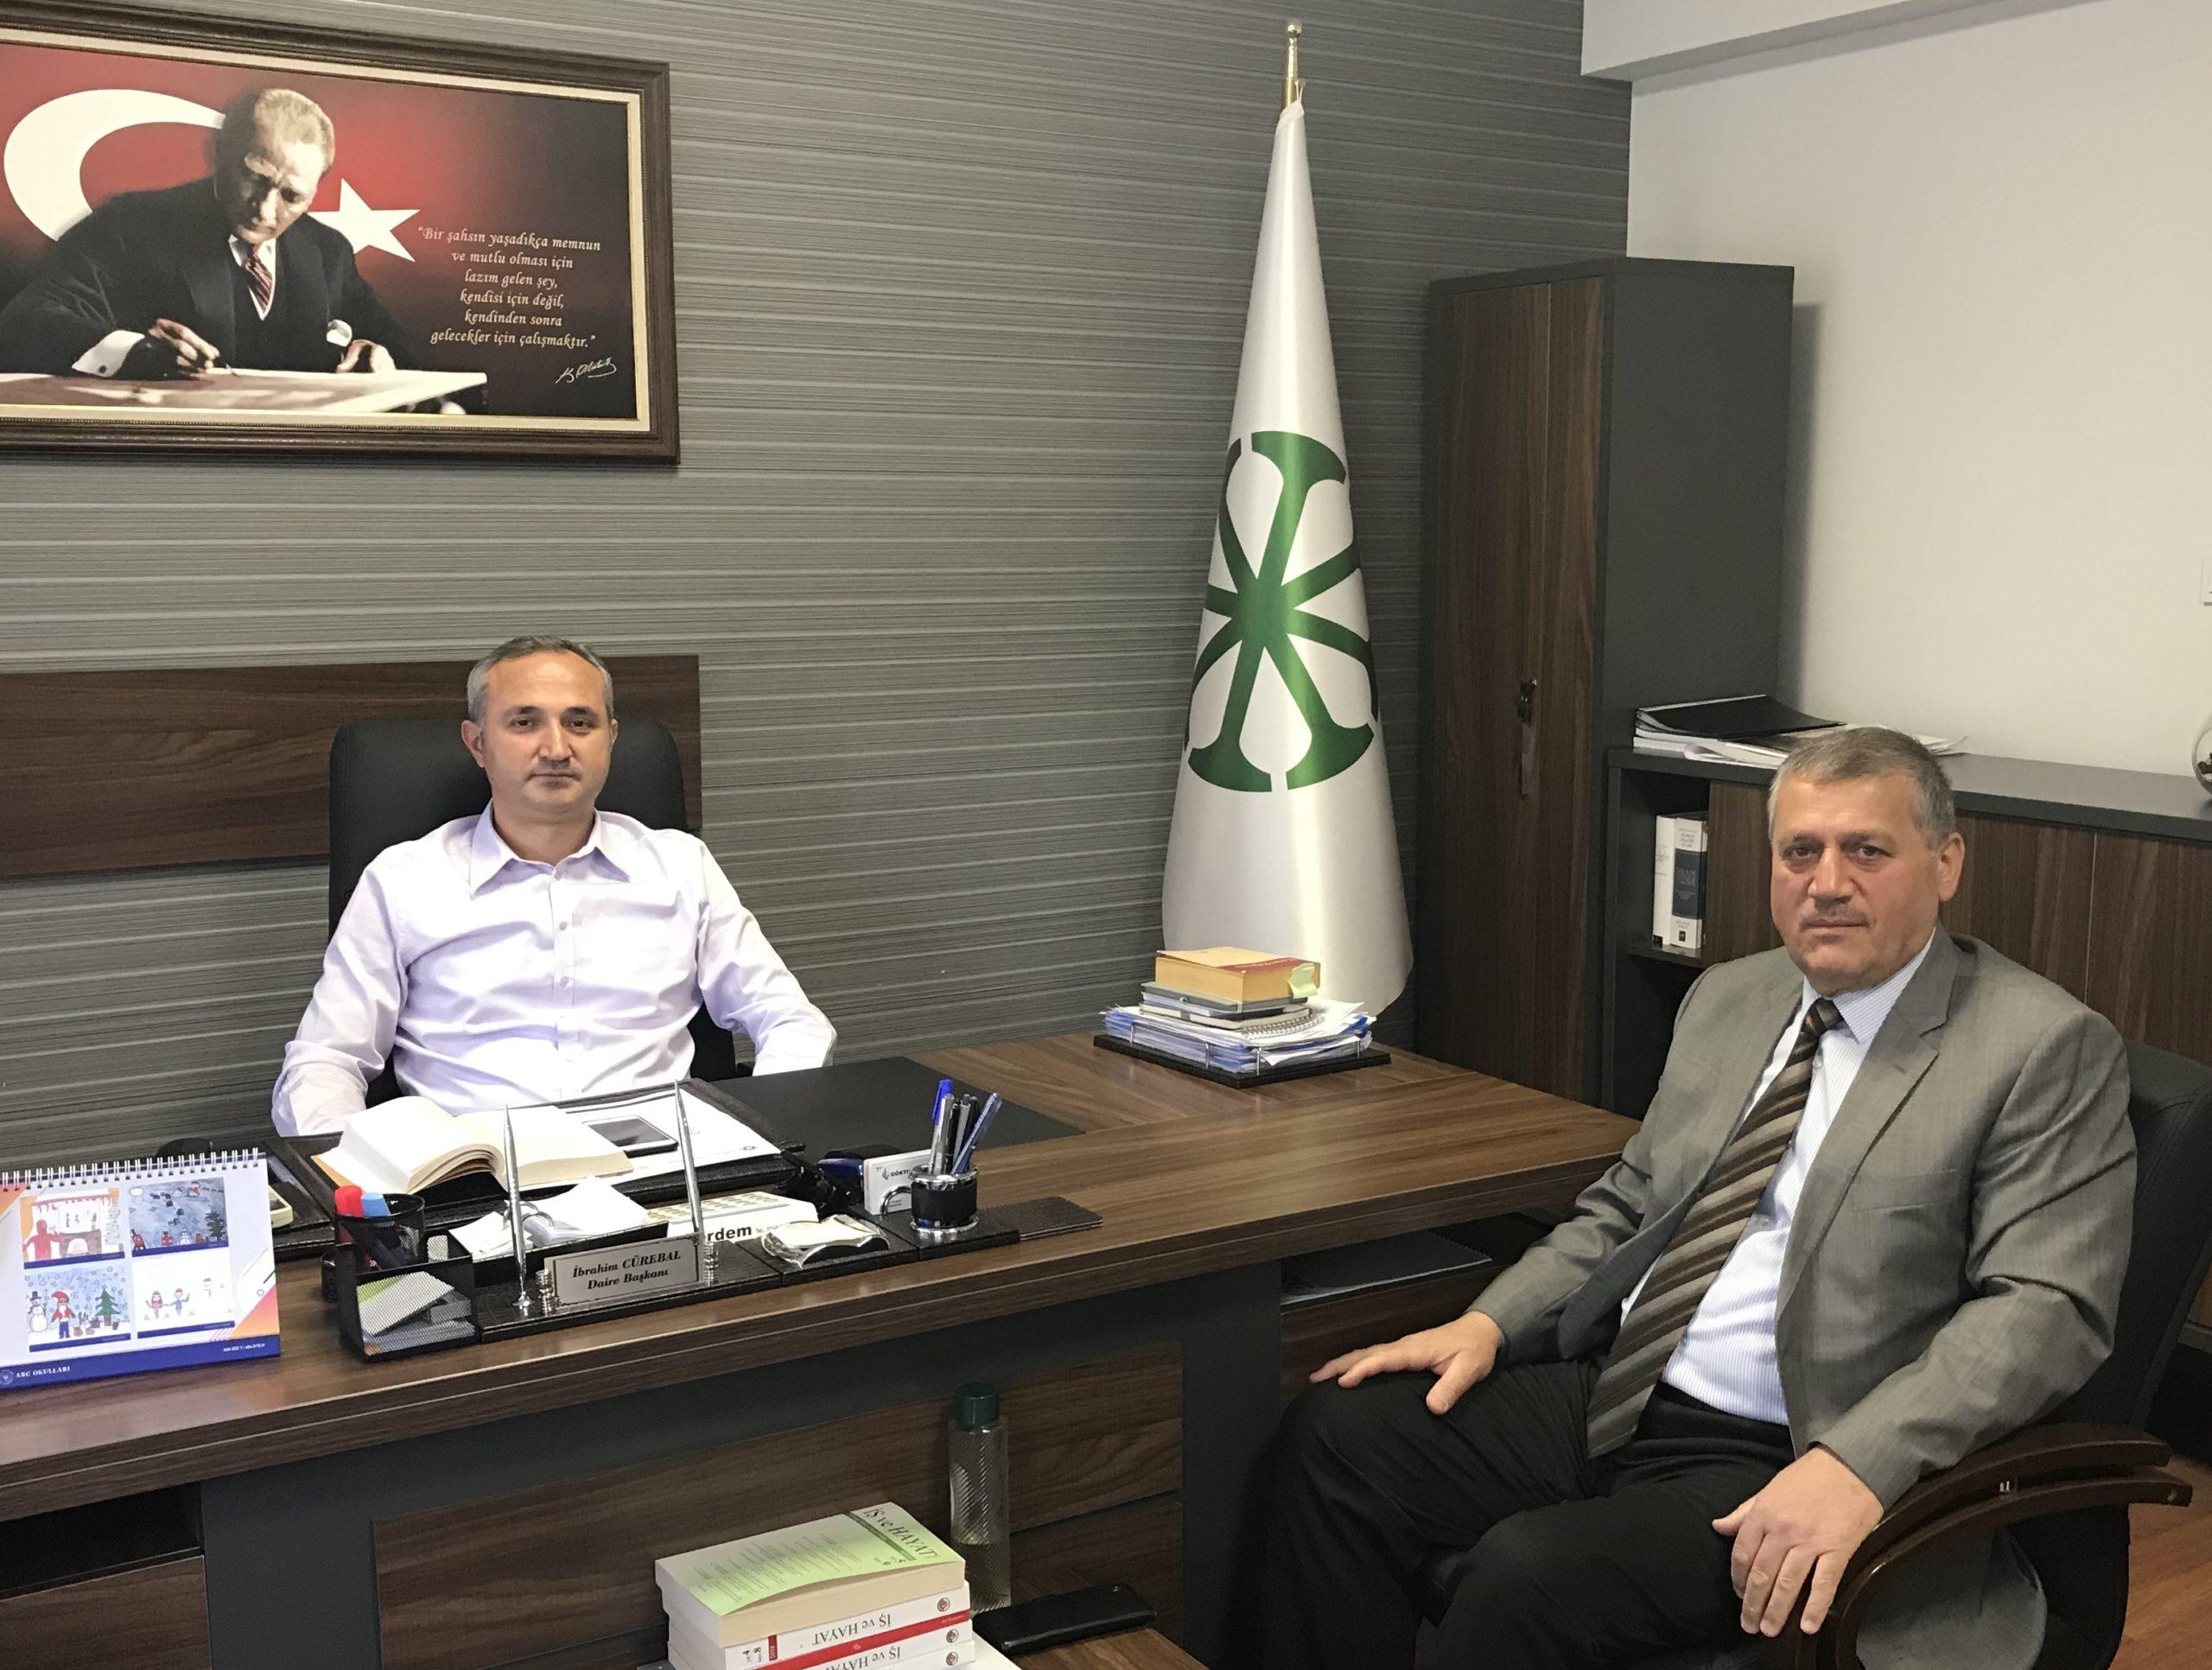 Türkiye Şeker Fabrikaları Genel Müdürlüğünde İdari İşler Dairesi Başkanı olarak görev yapan Hemşehrimiz, tecrübeli bürokrat İbrahim CÜREBAL'ı ziyaret ettik.